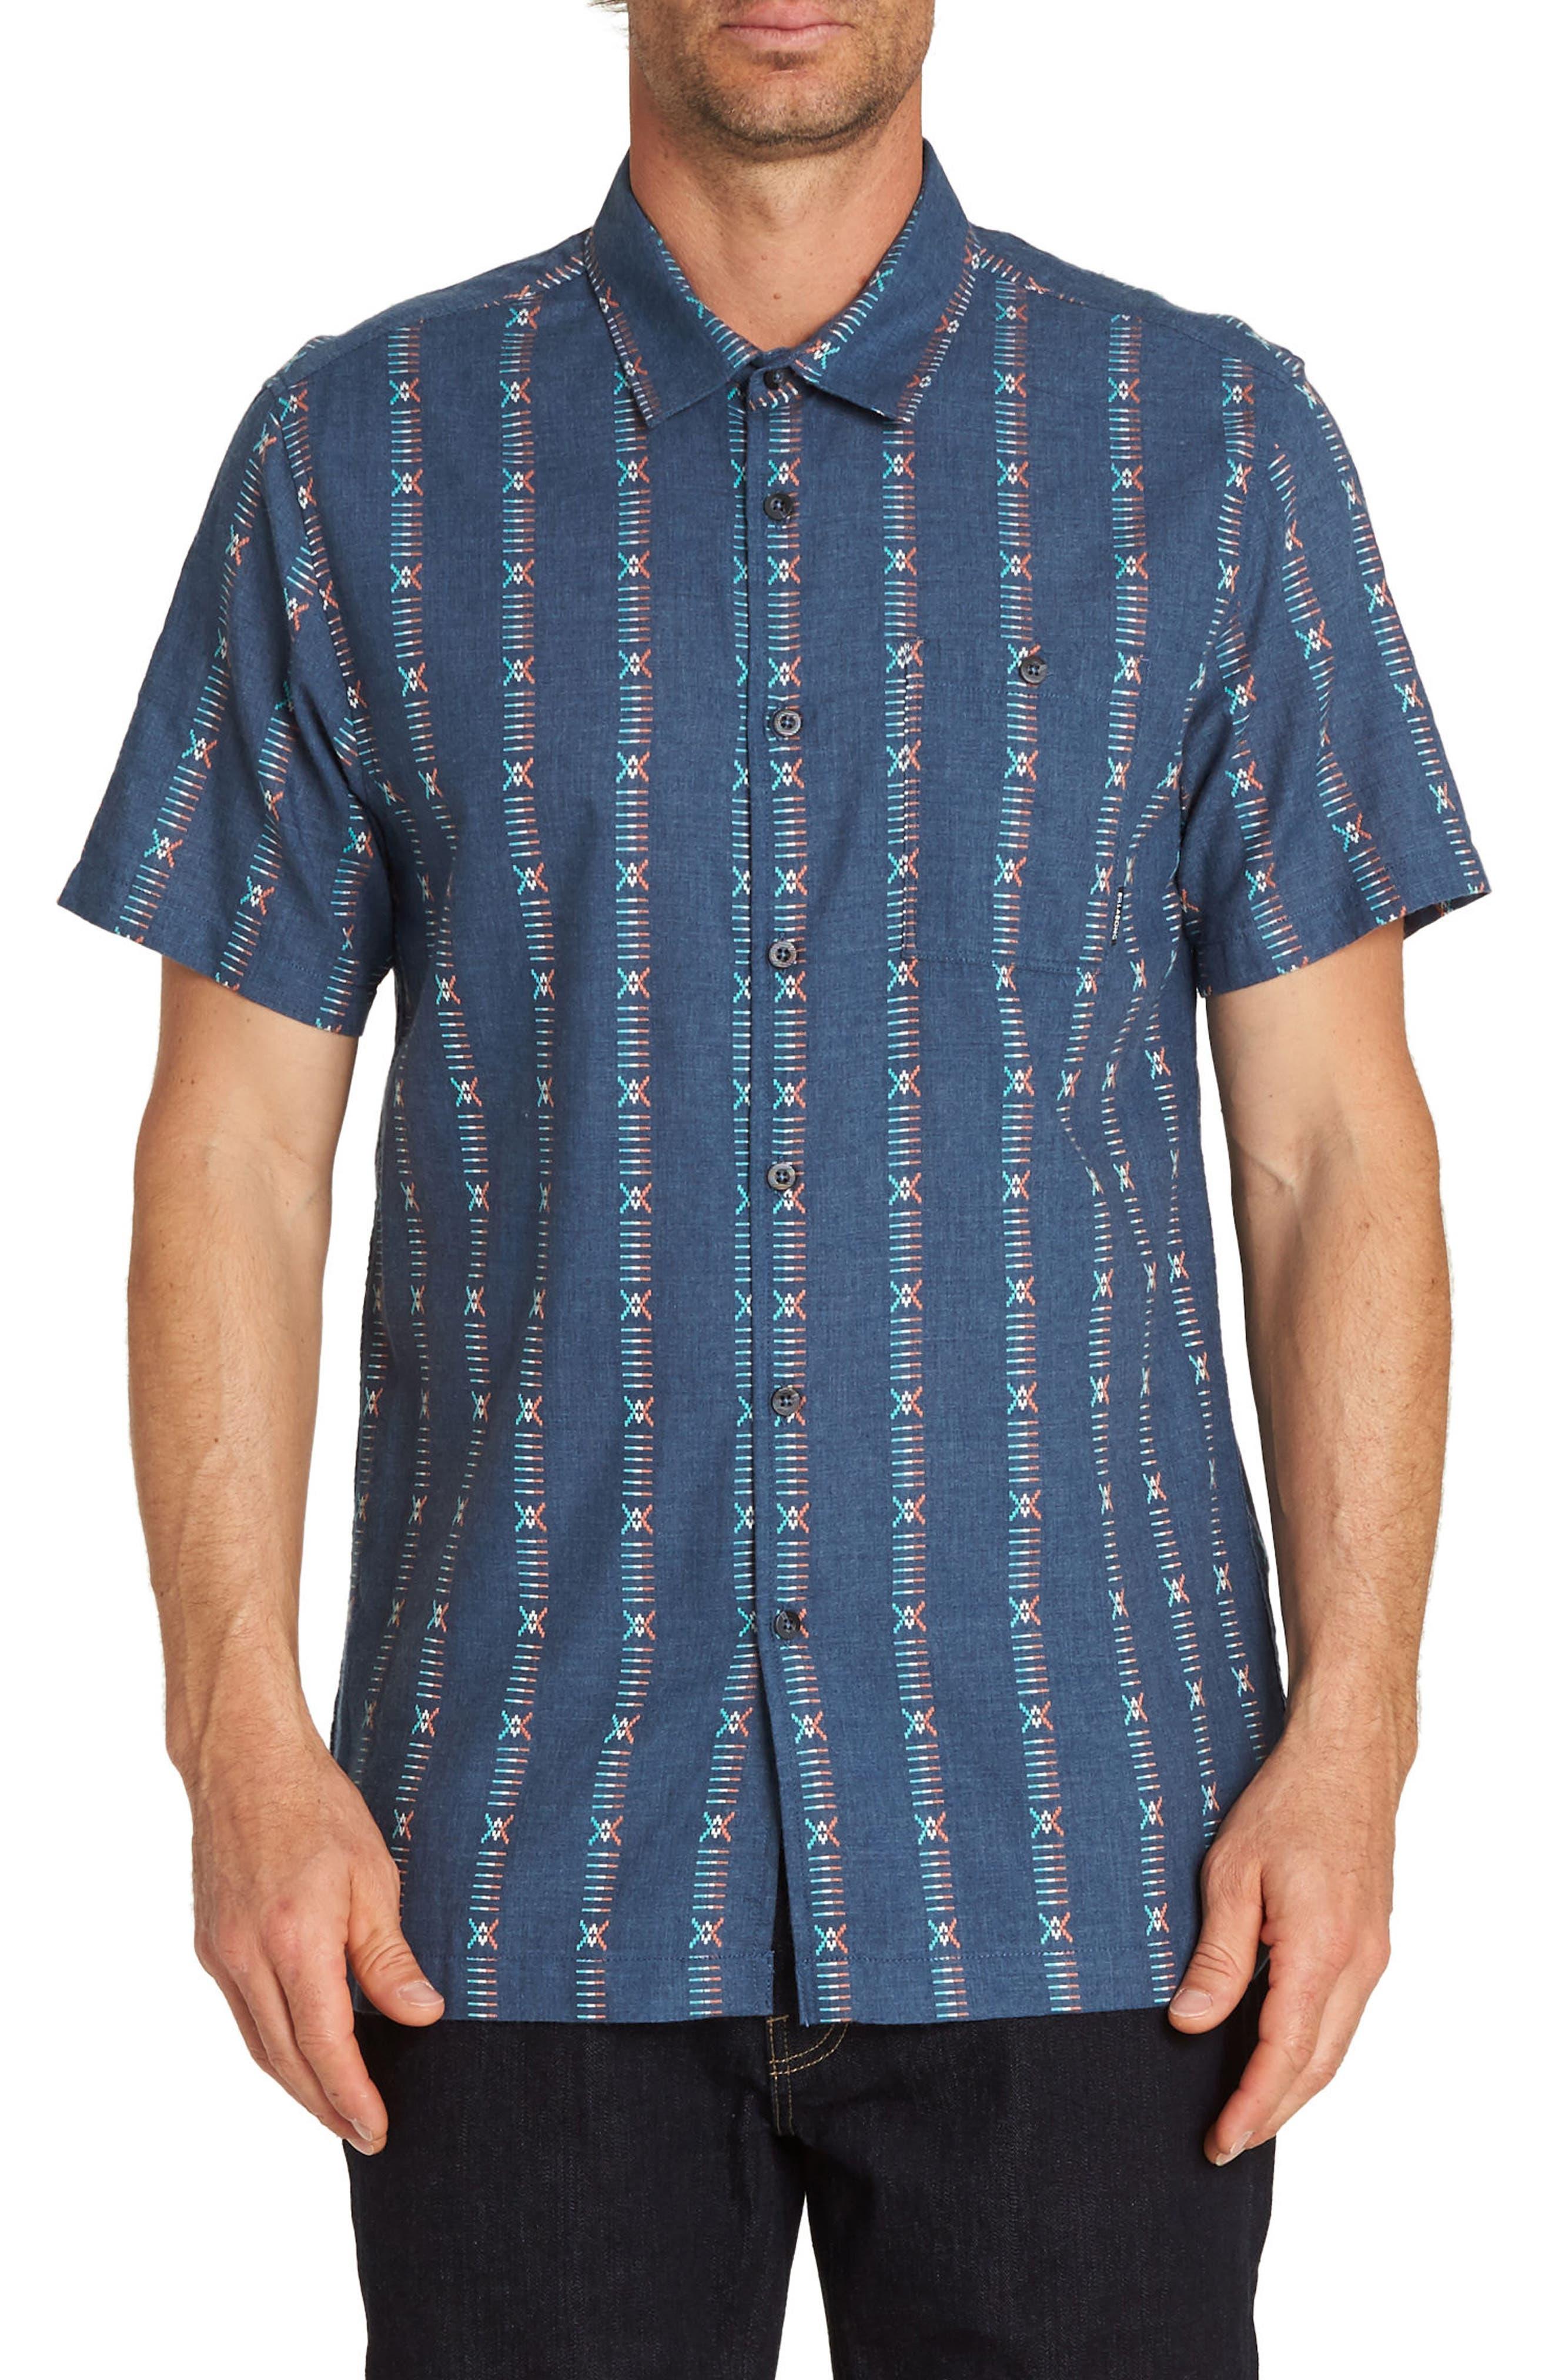 Sundays Jacquard Woven Shirt,                             Main thumbnail 1, color,                             Denim Blue